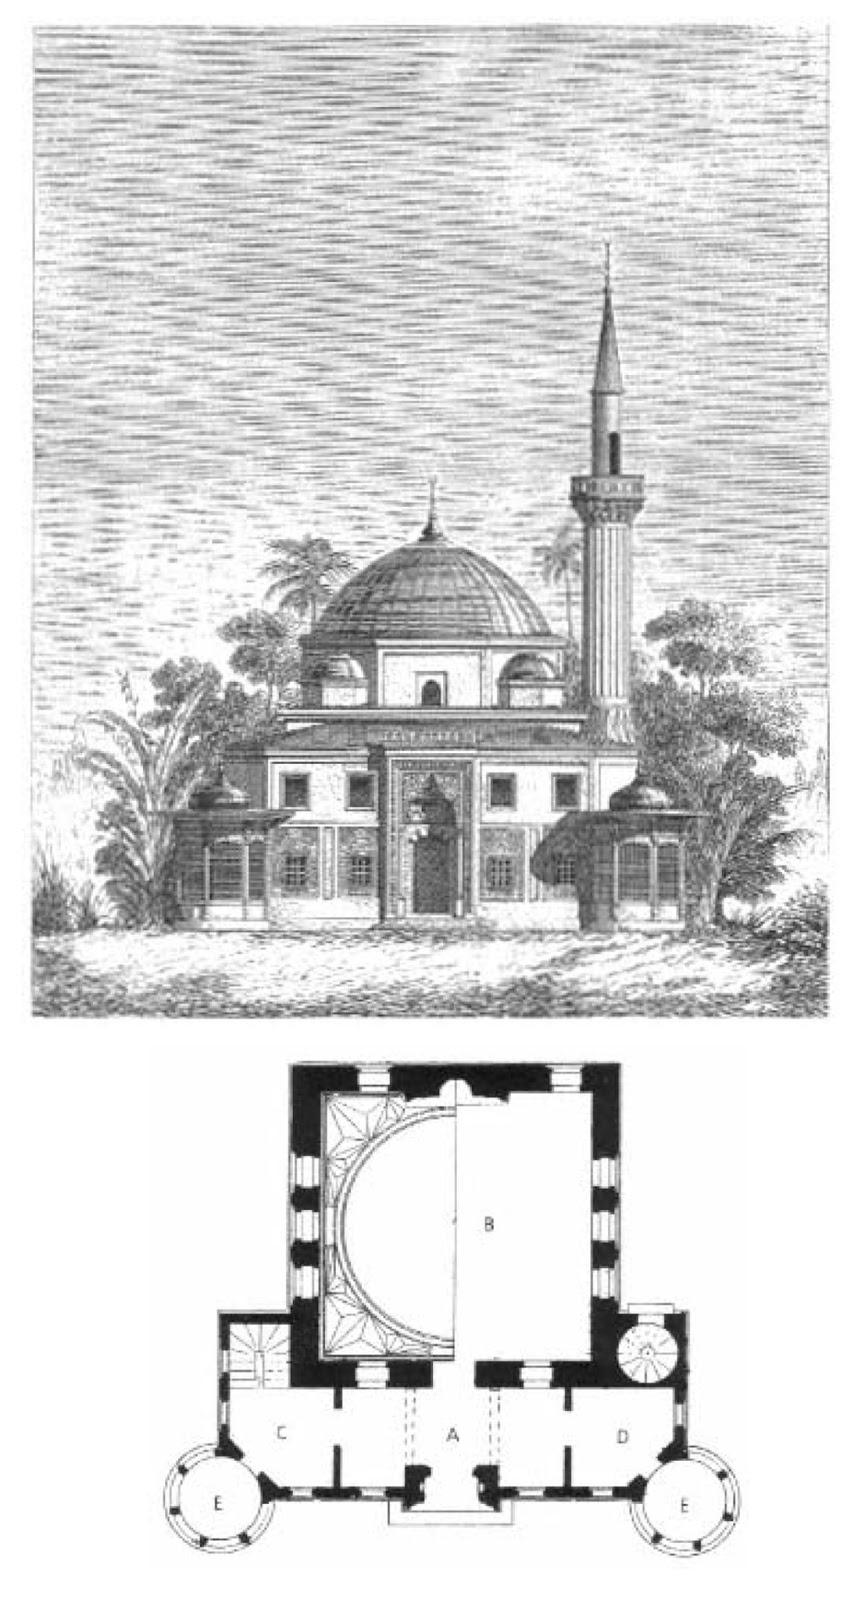 1867 Paris Sanayi Fuarında Türk Pavyonundaki Bursa Yeşil Caminin Kopyası Olan Cami